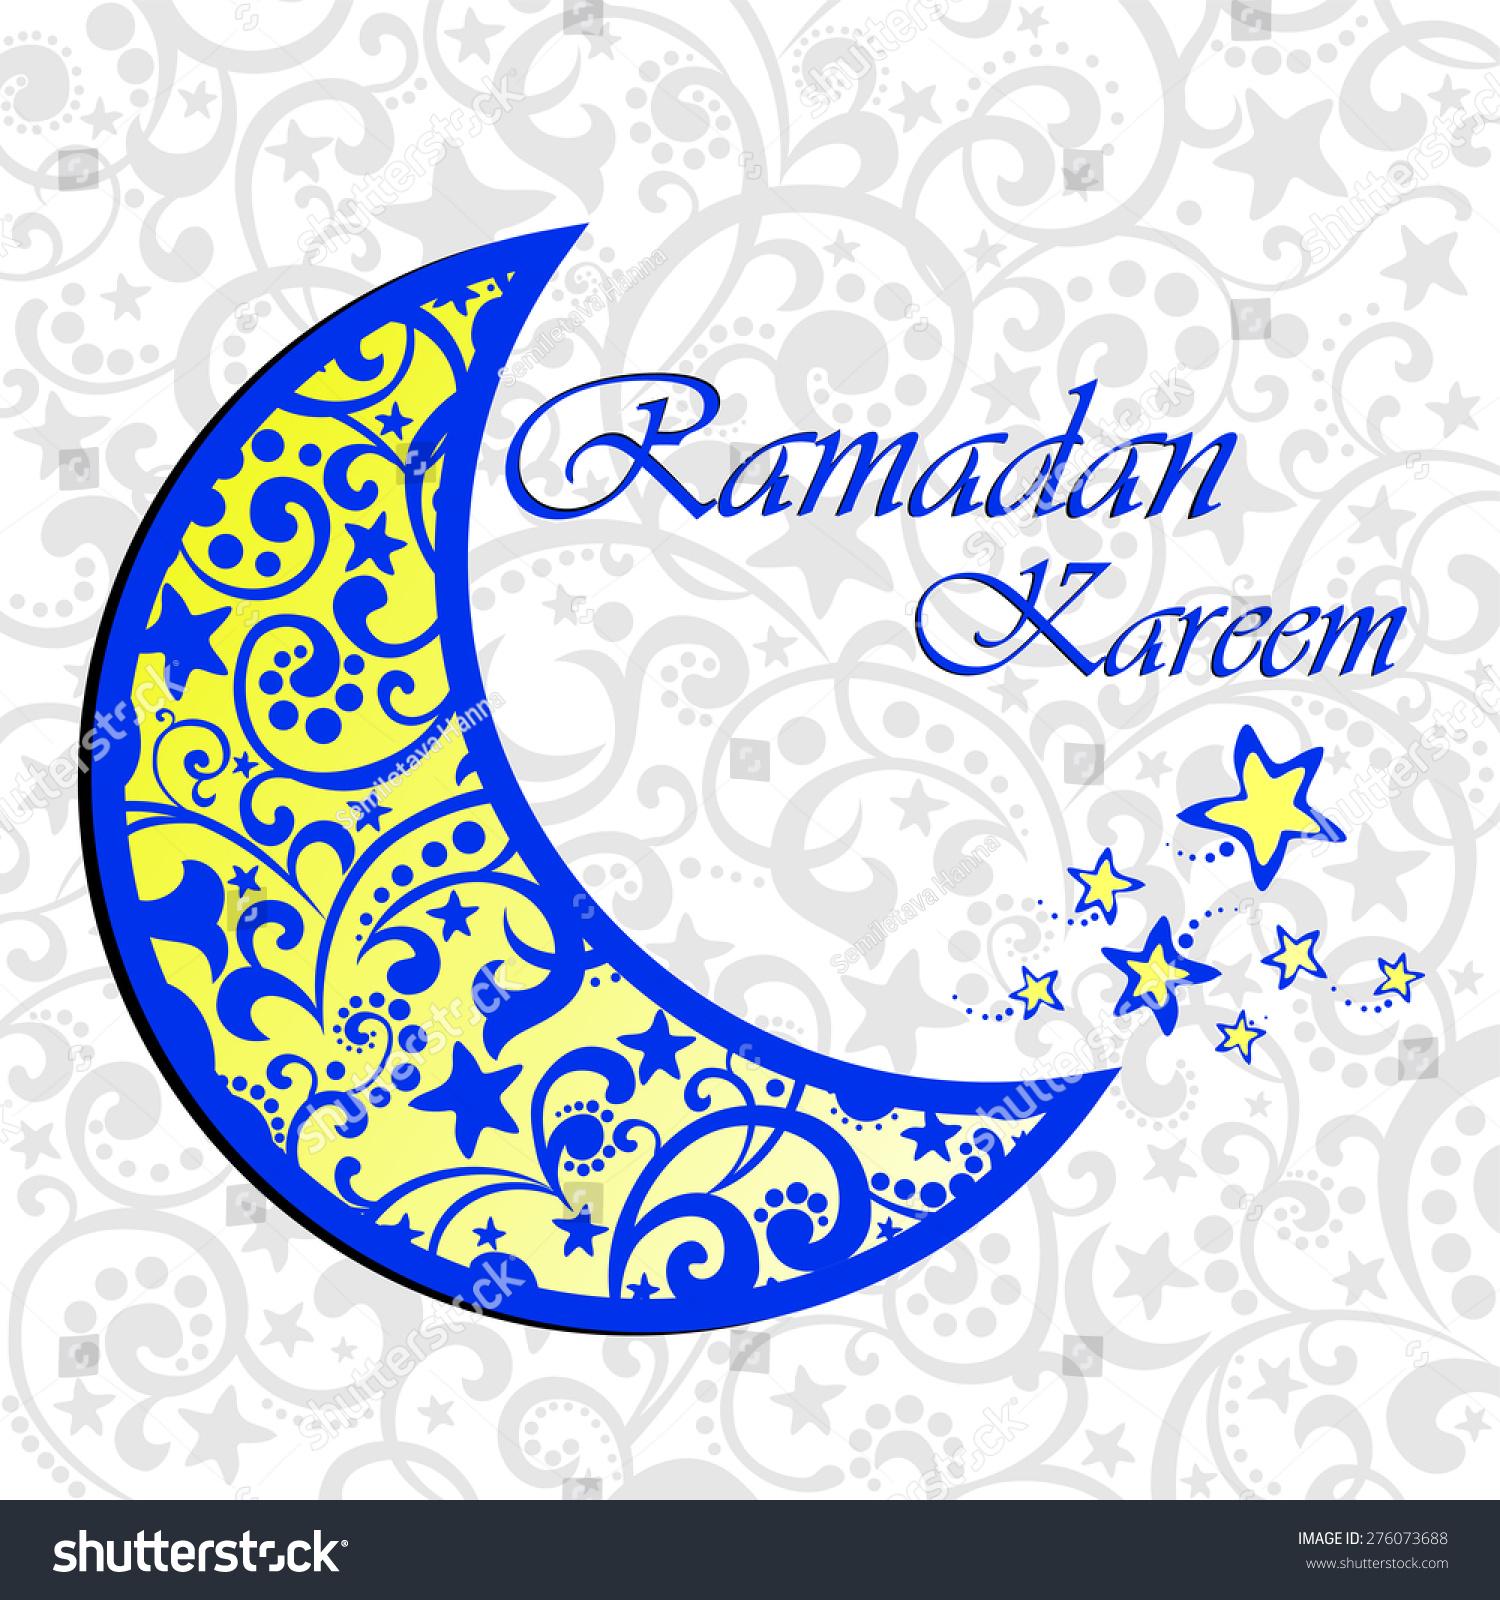 Ramadan Greetings Arabic Script Islamic Greeting Stock Vector